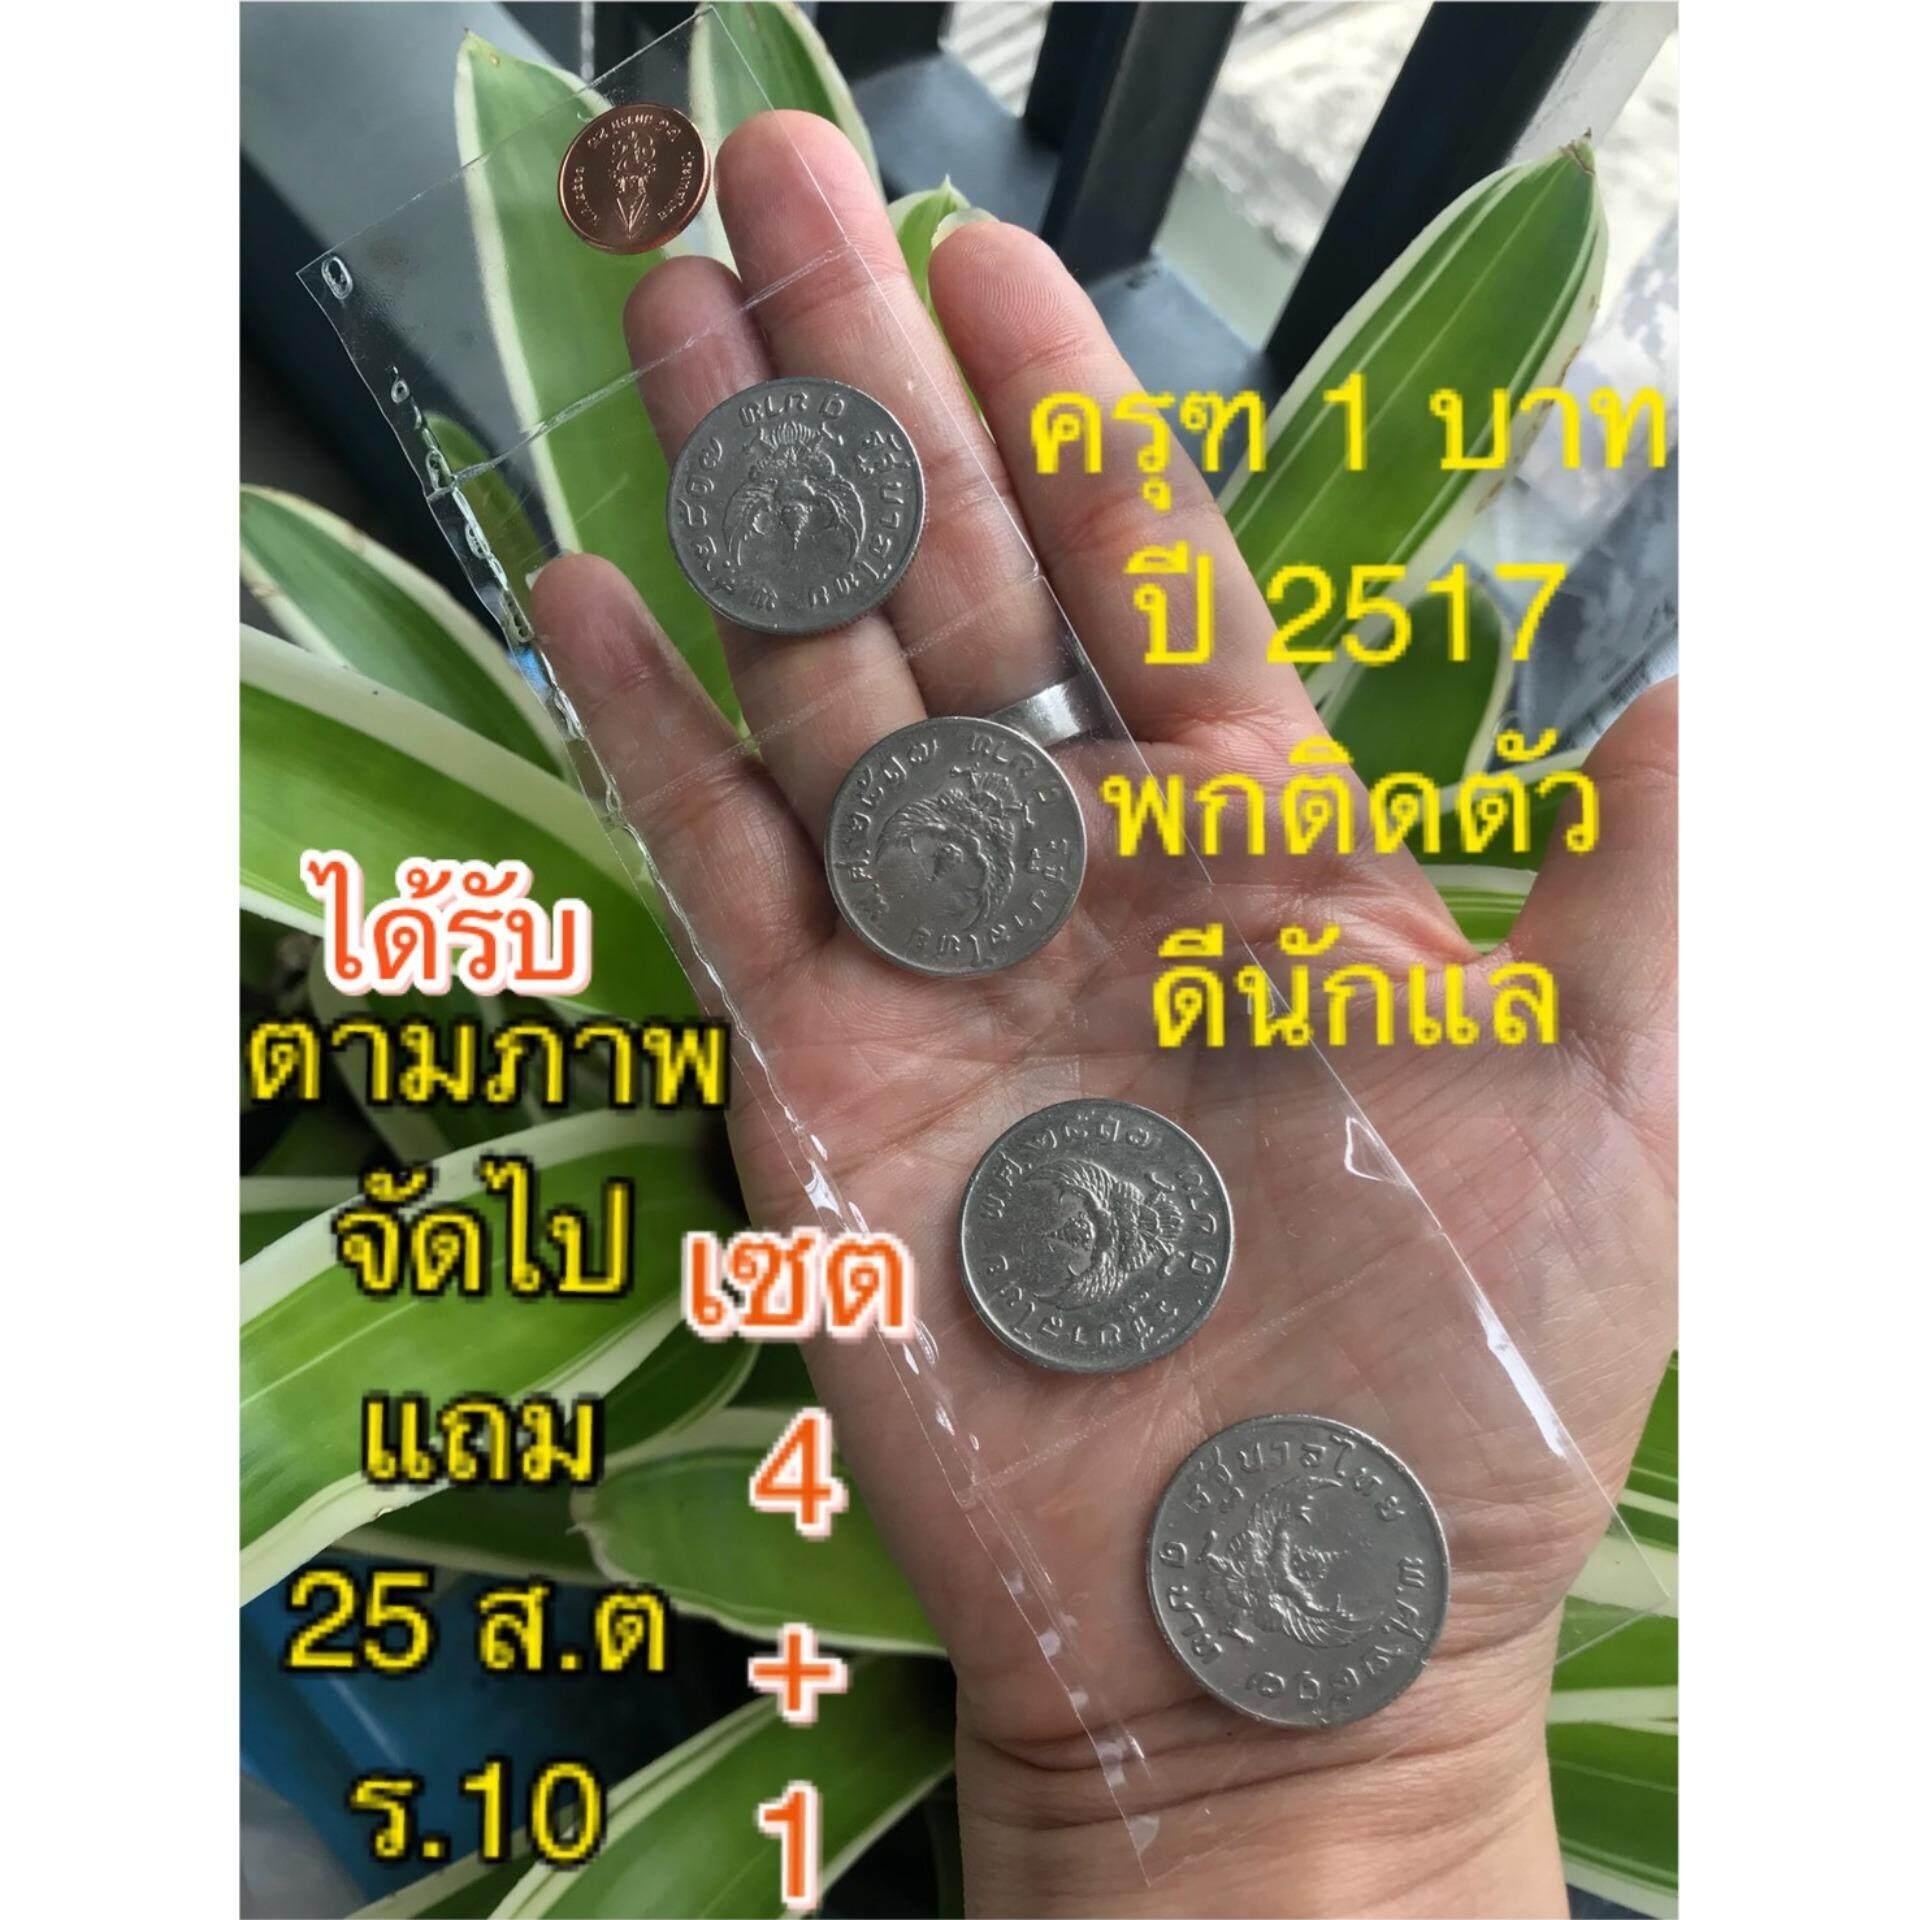 เหรียญมหาบพิตร 1 บาท หลังครุฑ ปี 2517 *ผ่านการใช้งาน ผ่านล้าง ผ่านขัด  (ราคา/ชุดๆละ 4 เหรียญ).